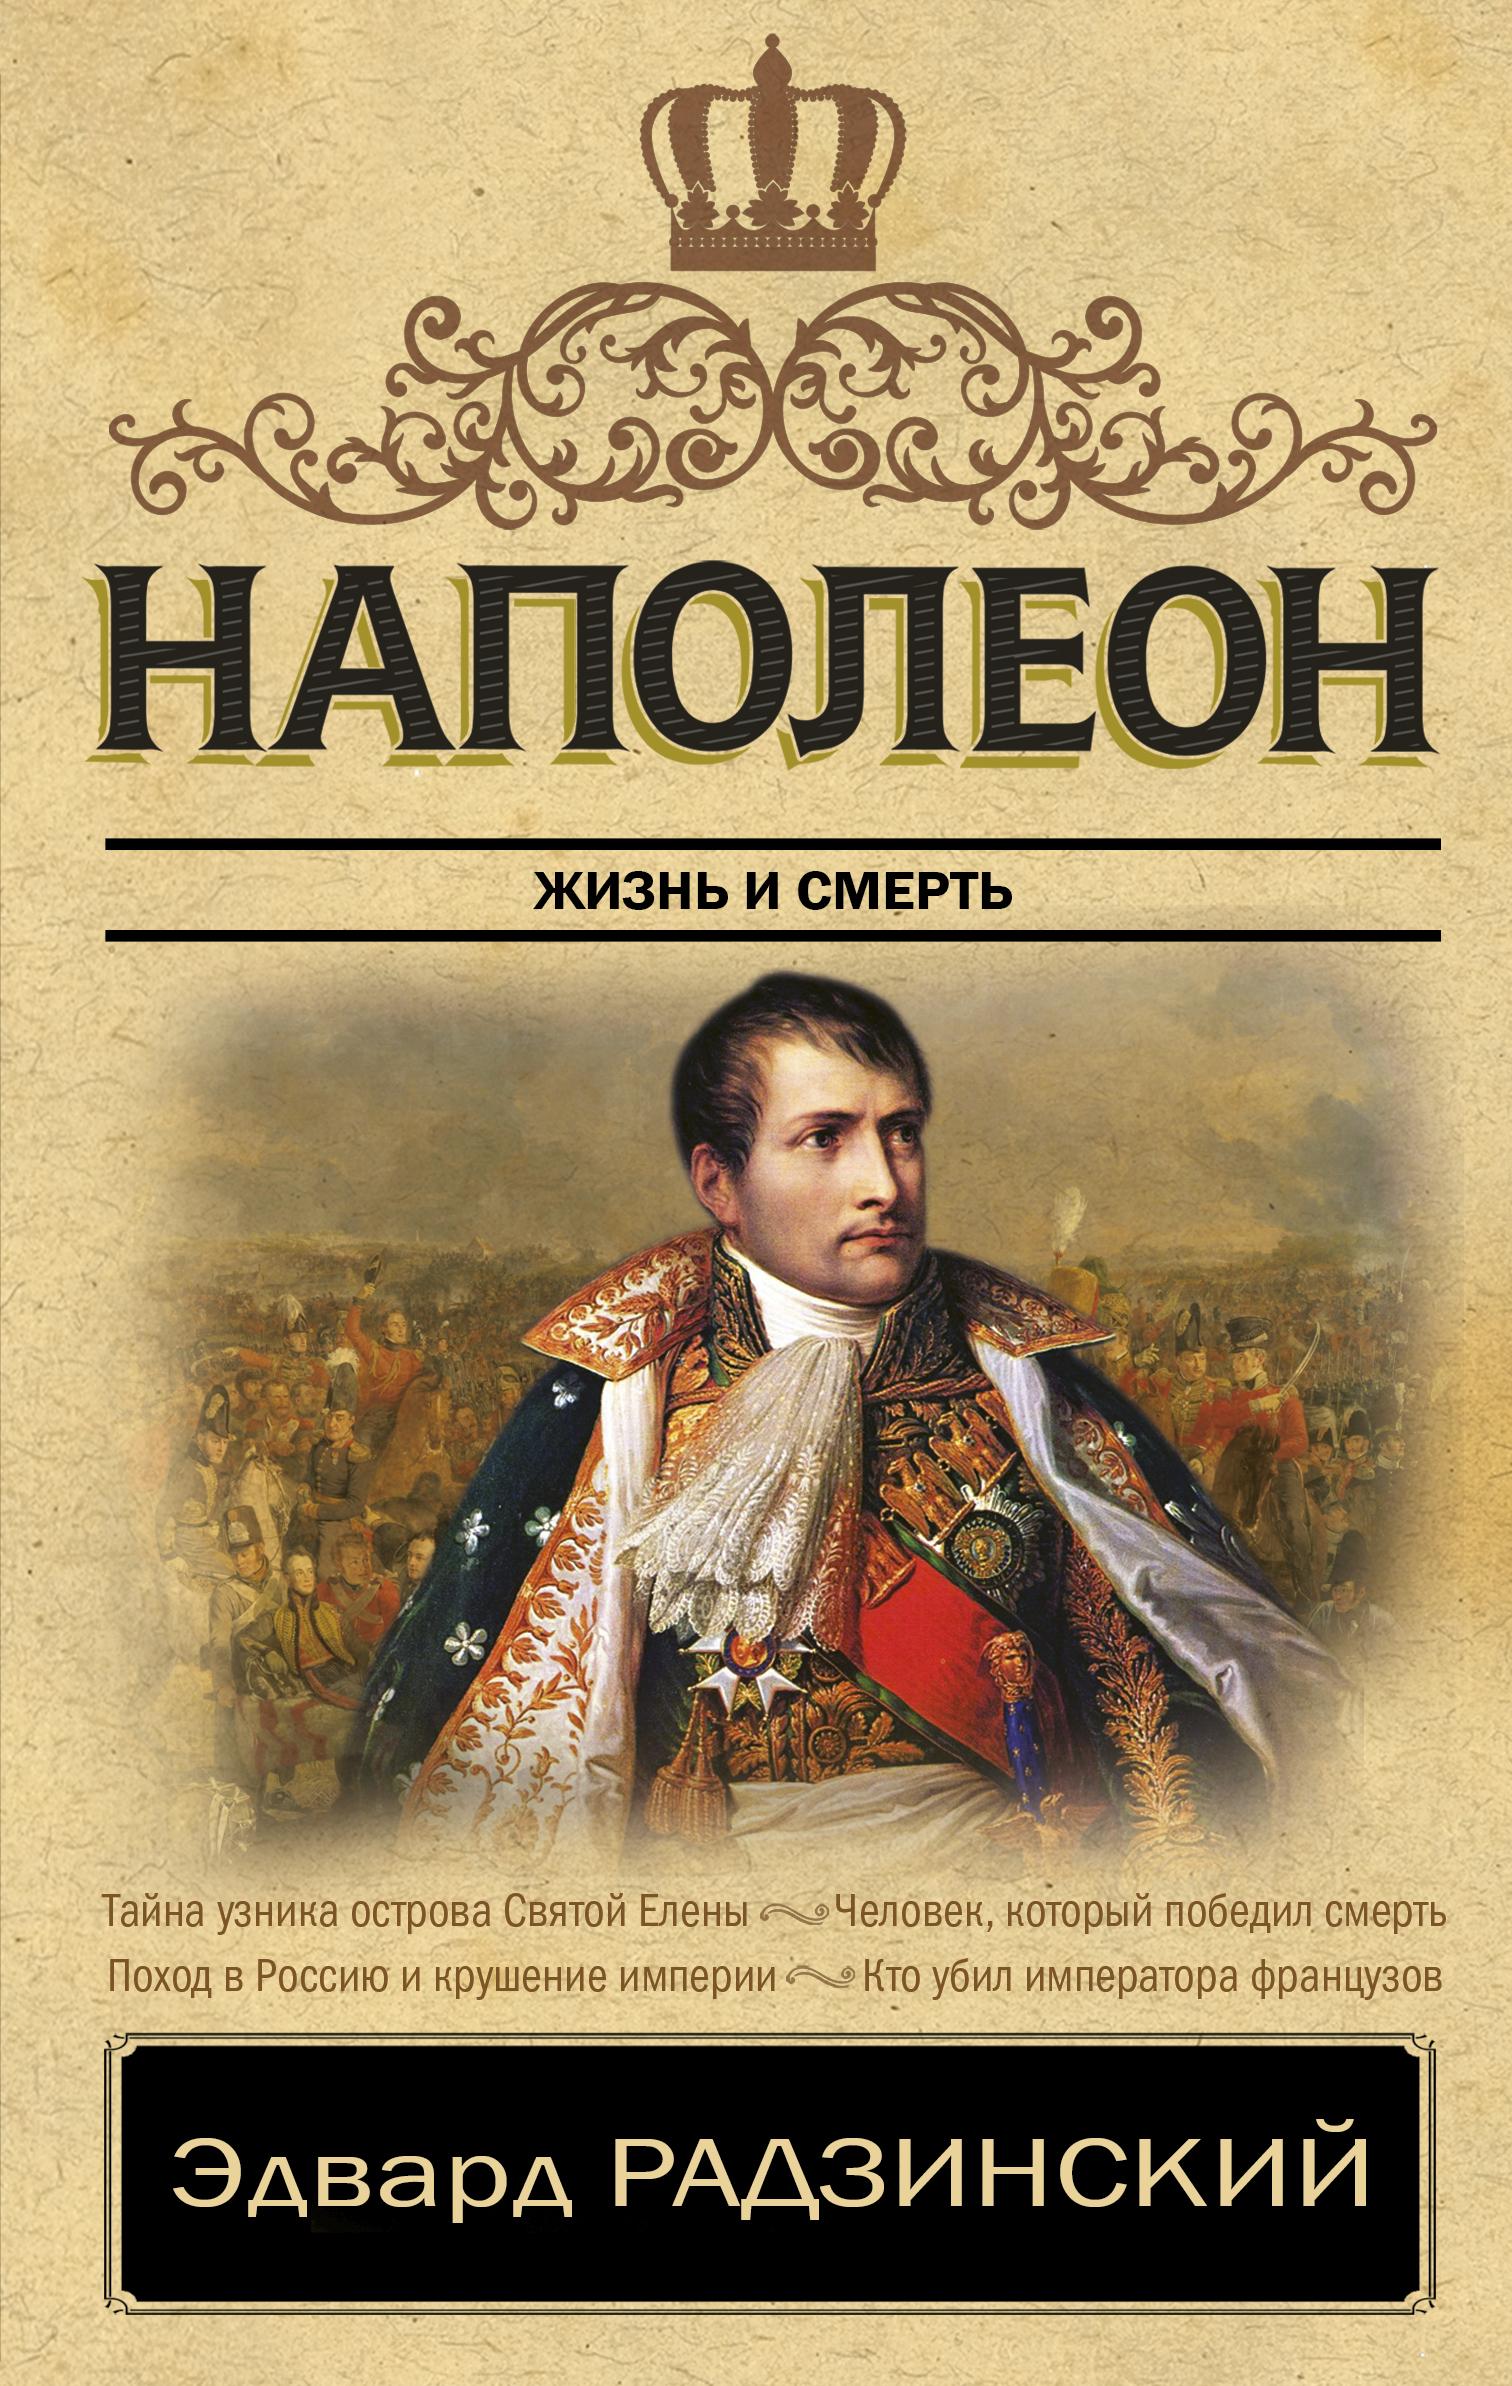 Радзинский Э.С. Наполеон. Жизнь и смерть